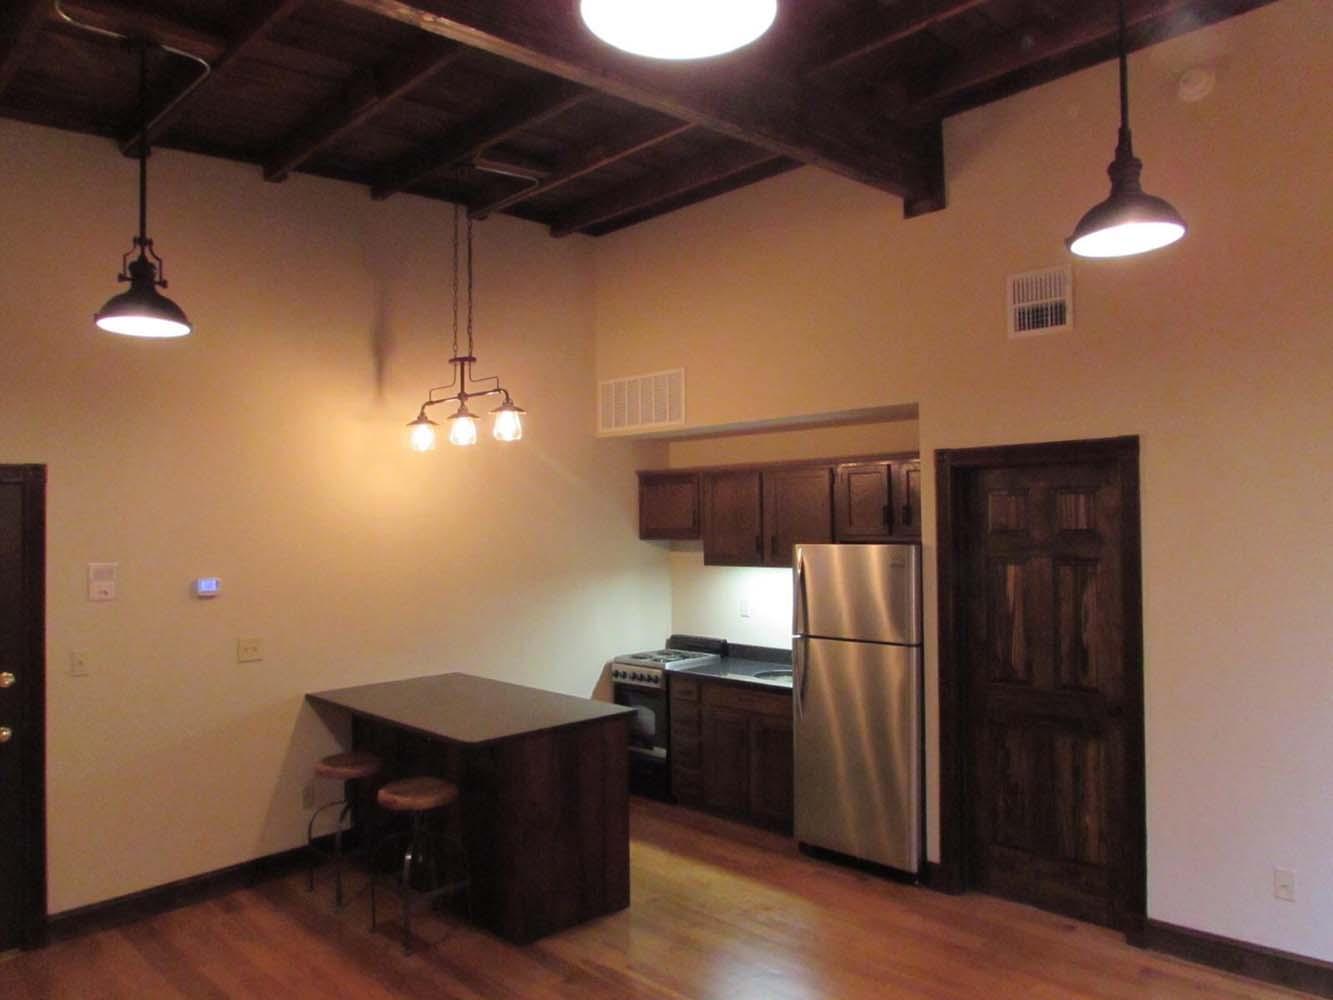 1bedroom-kitchen3.jpg